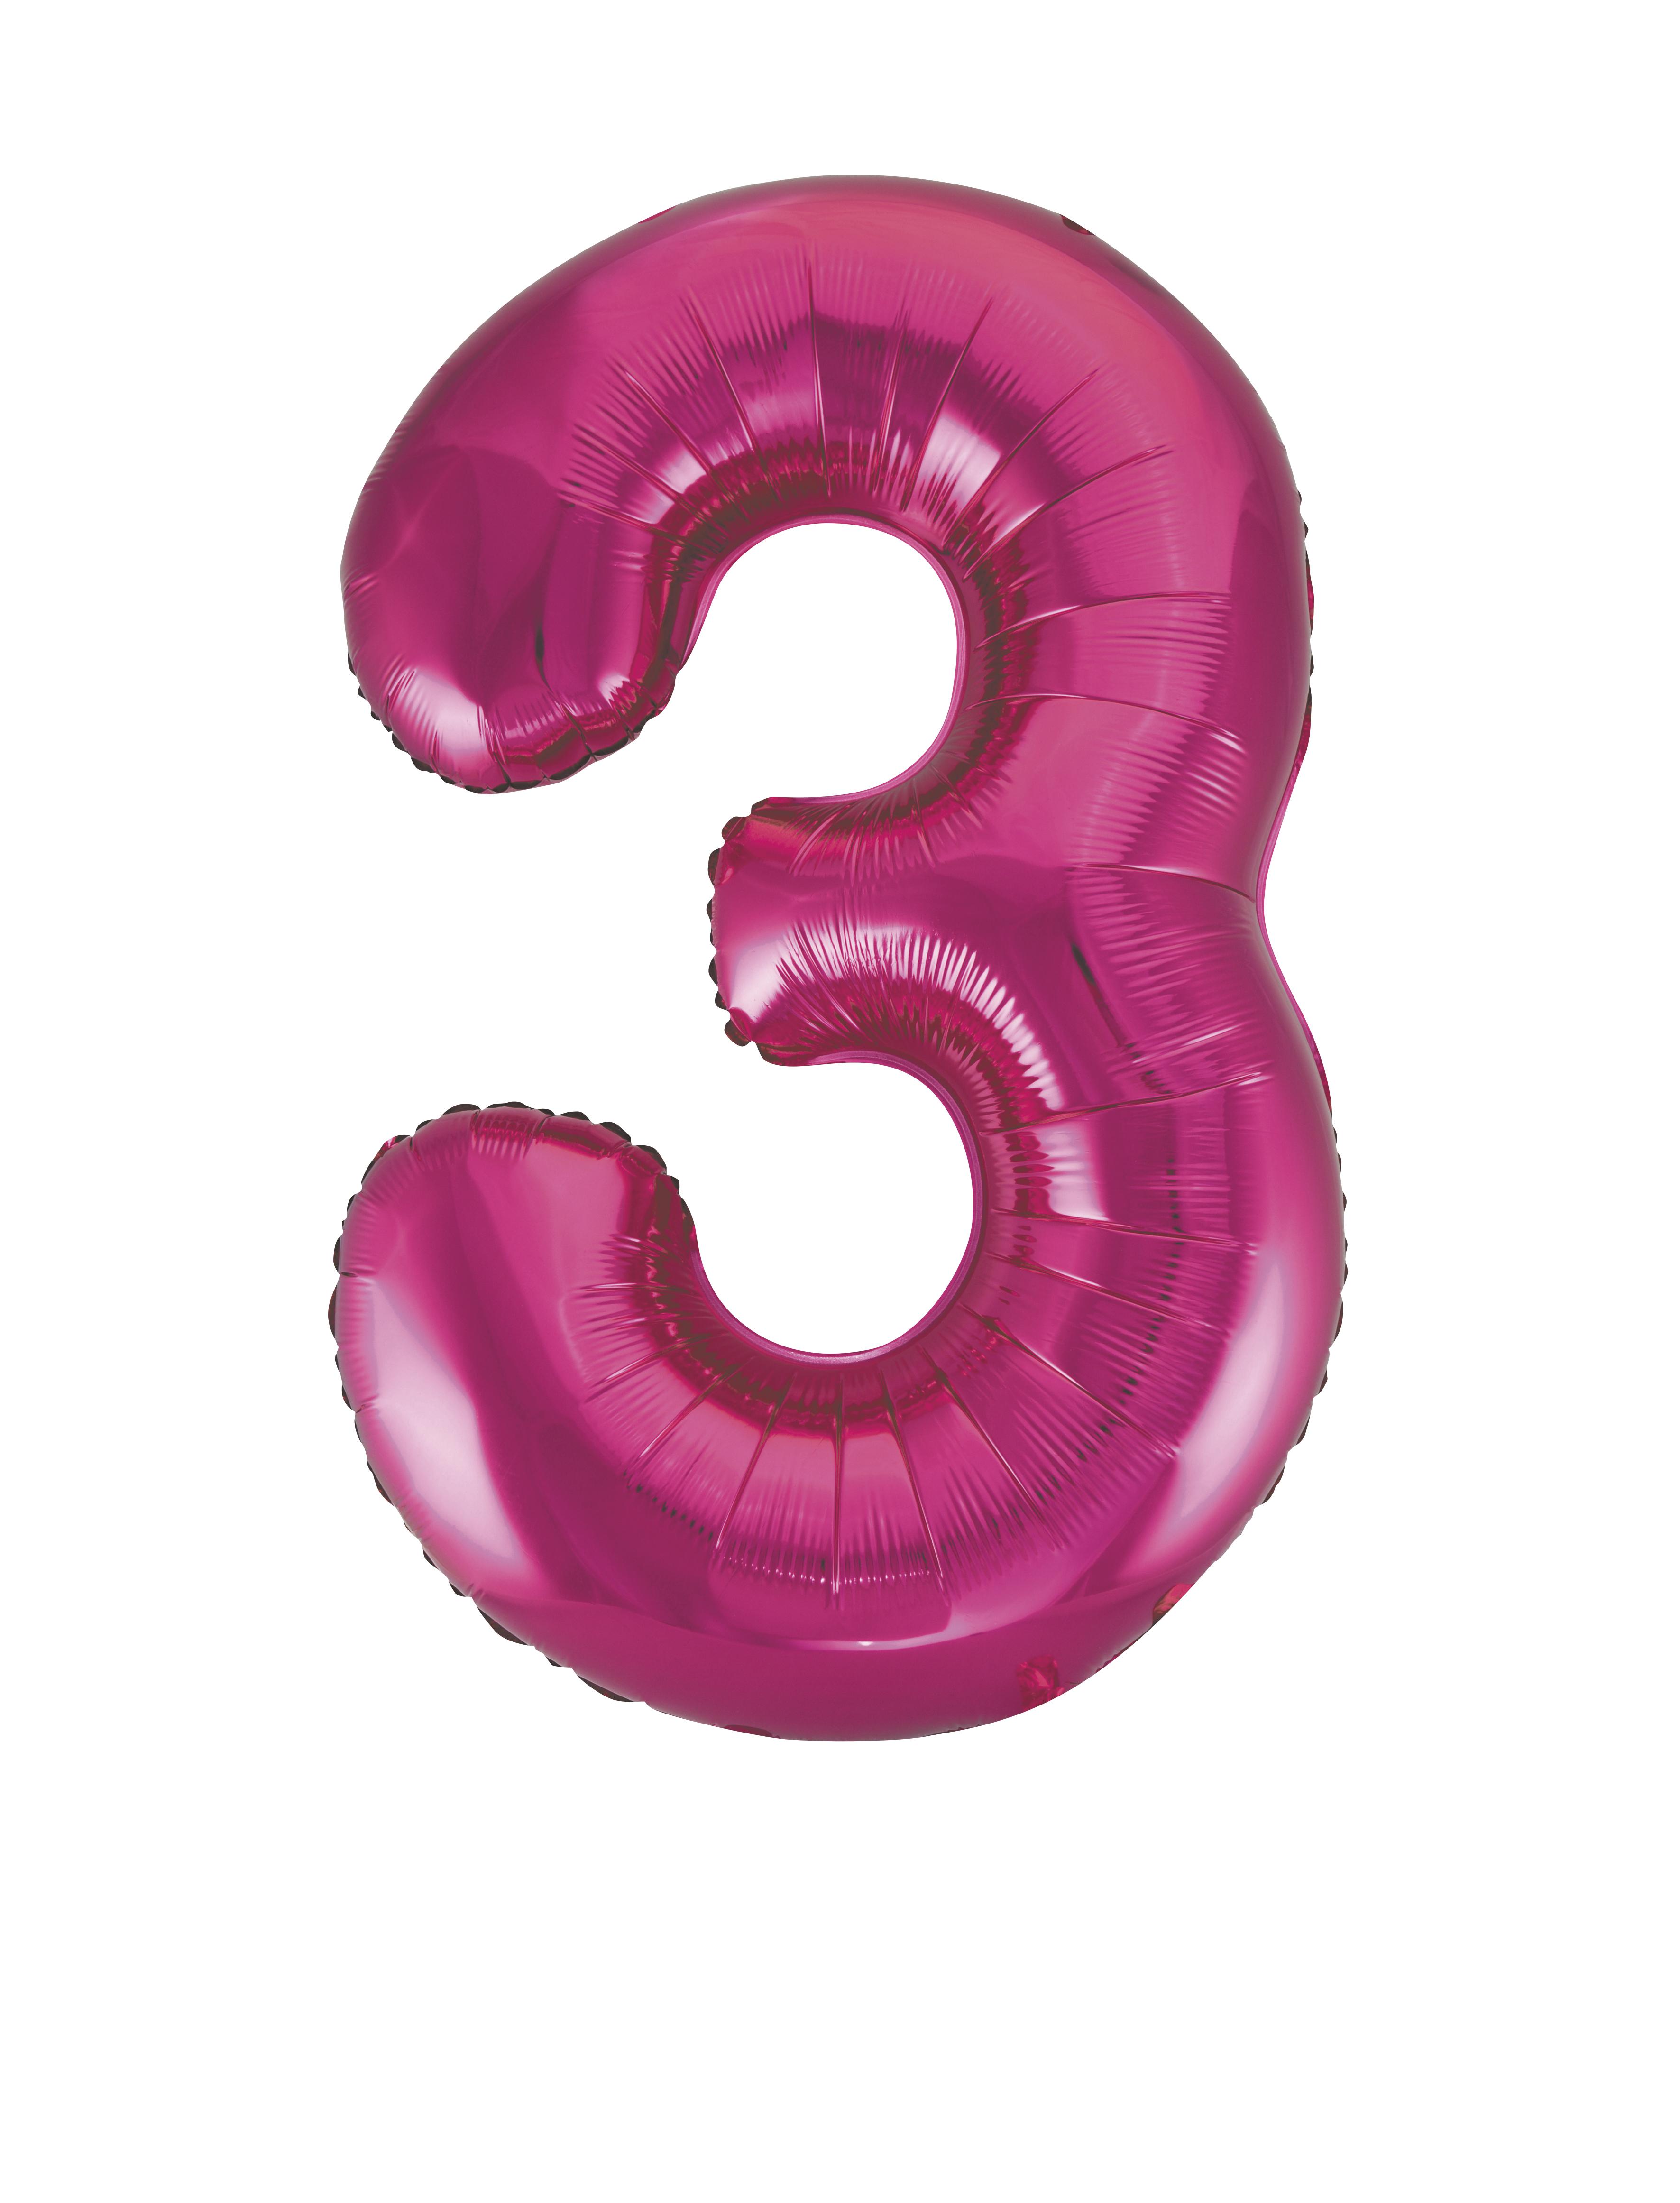 86-4cm-Geant-Aluminium-Numero-Rose-Helium-Gros-Ballons-Fete-D-039-Anniversaire miniature 9